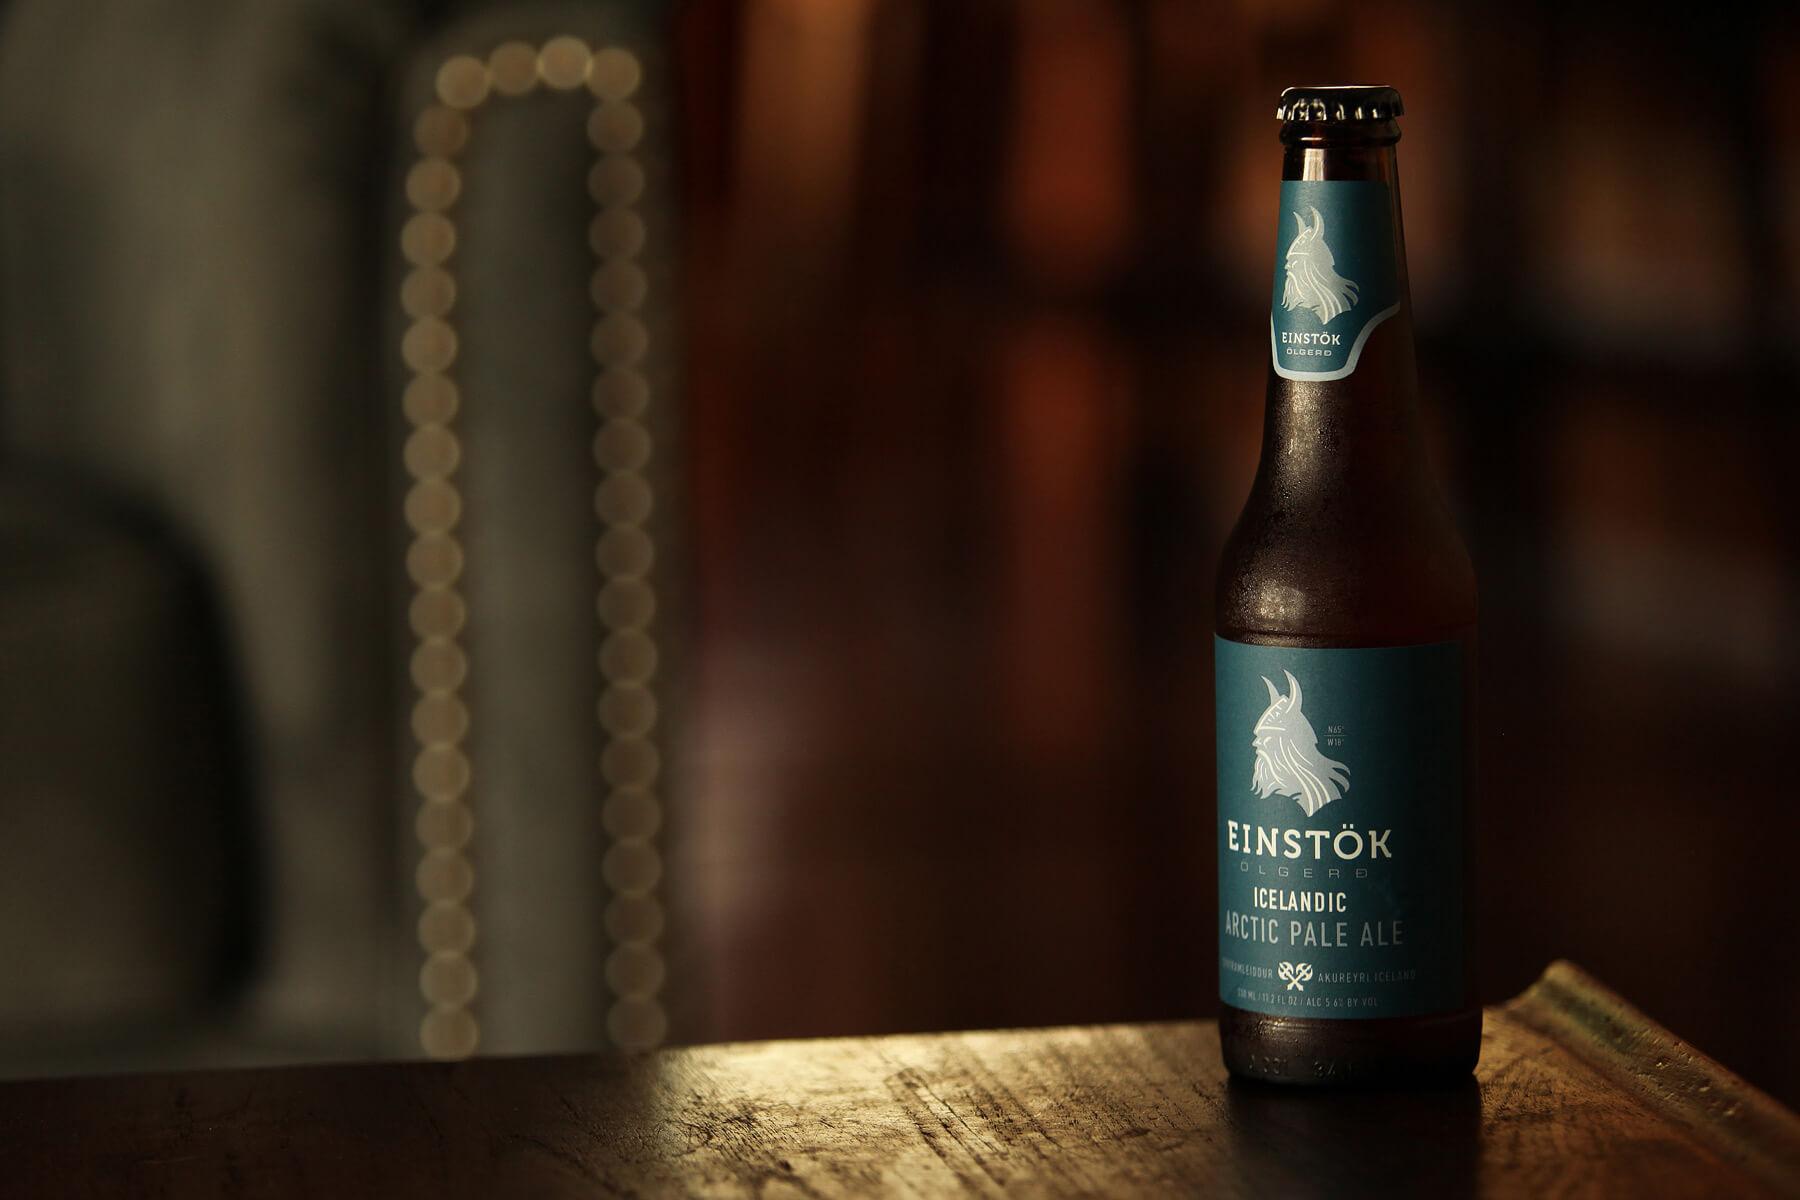 Einstök Arctic Pale Ale